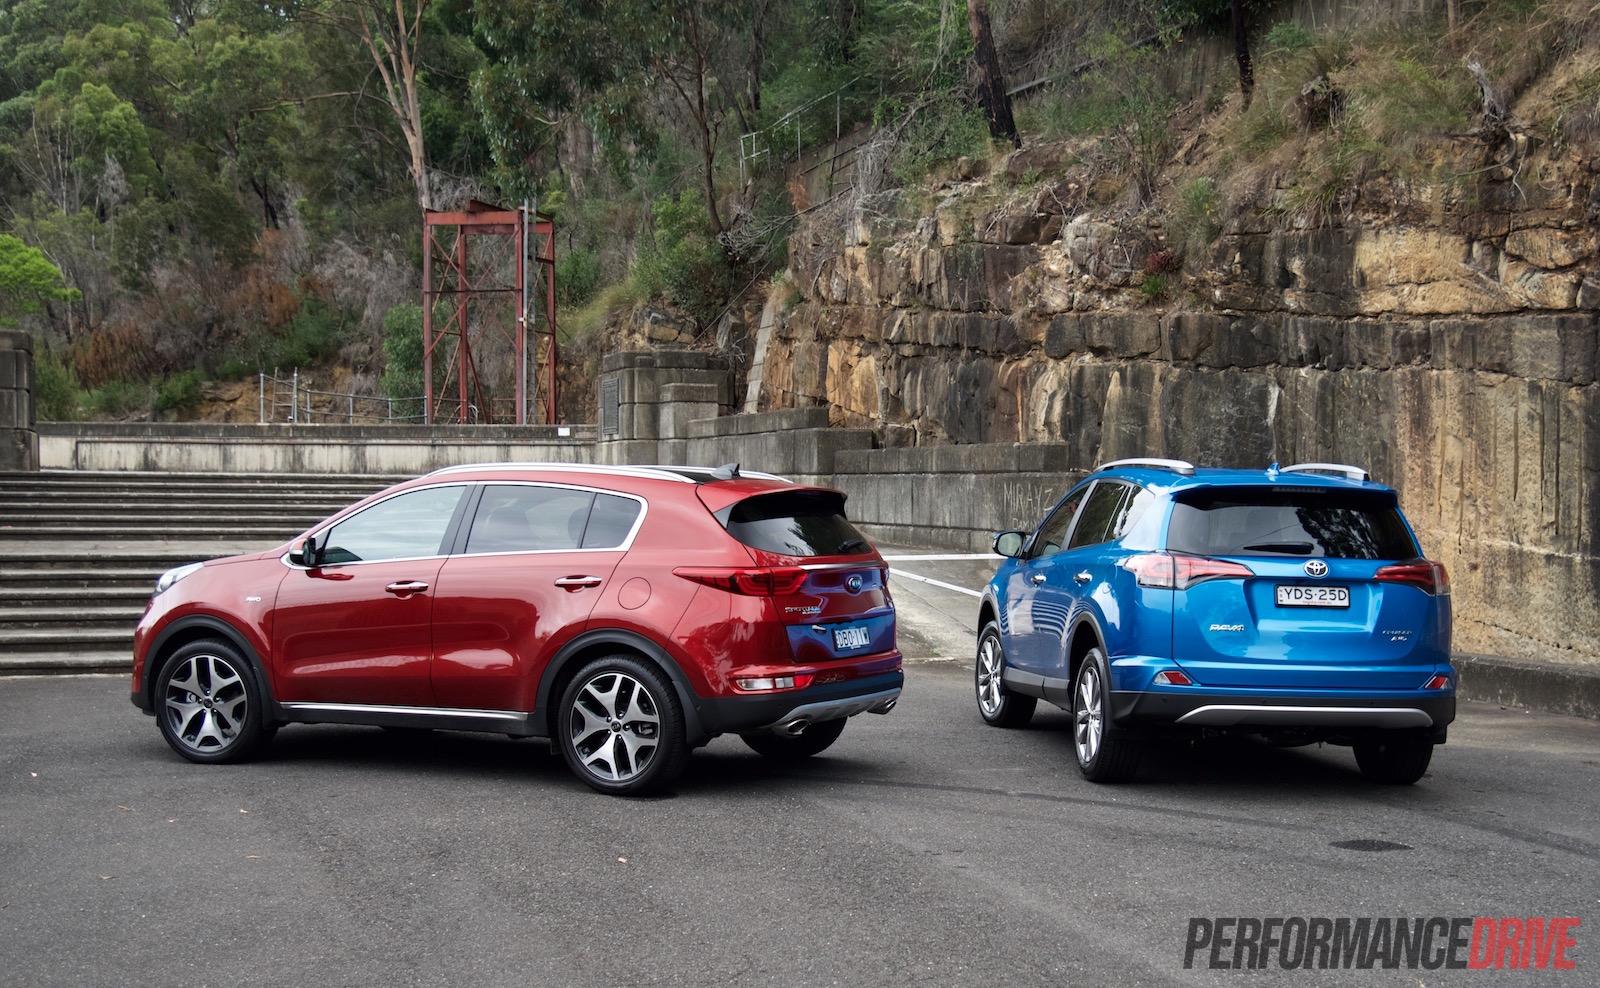 Toyota RAV4 Vs Kia Sportage: Fleet Car Comparison